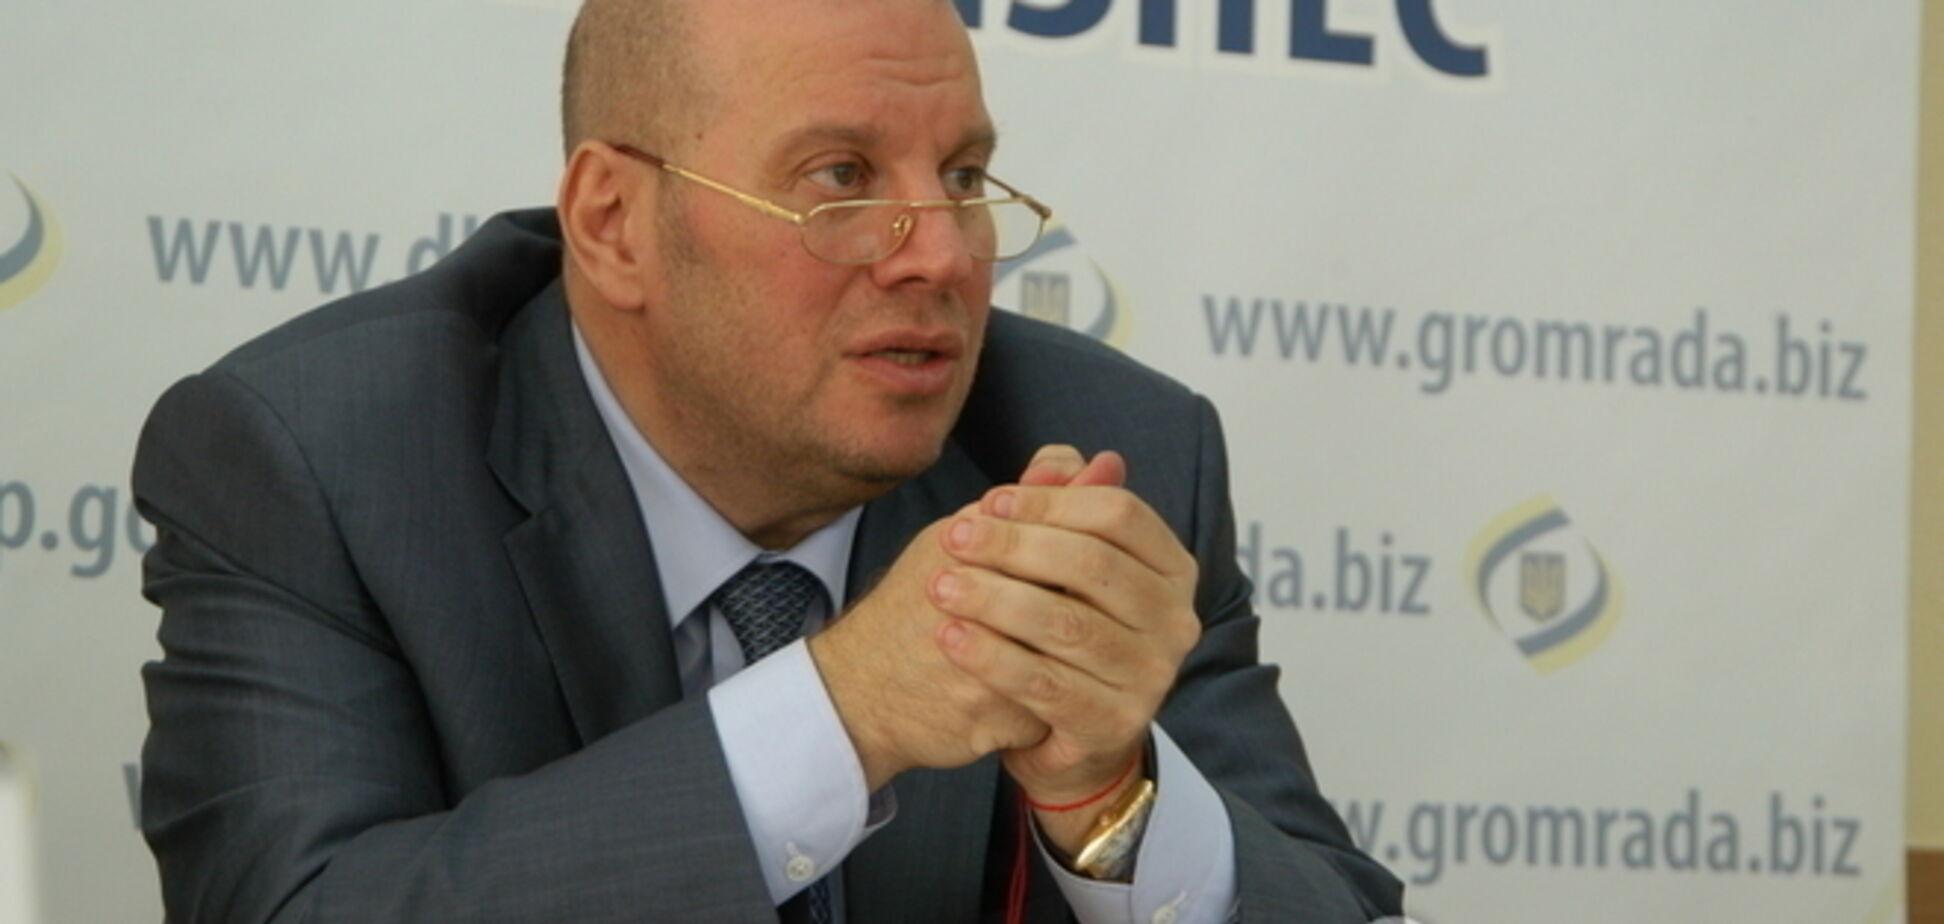 Бродский и Шеремета пытались ликвидировать одну и ту же коррупционную схему